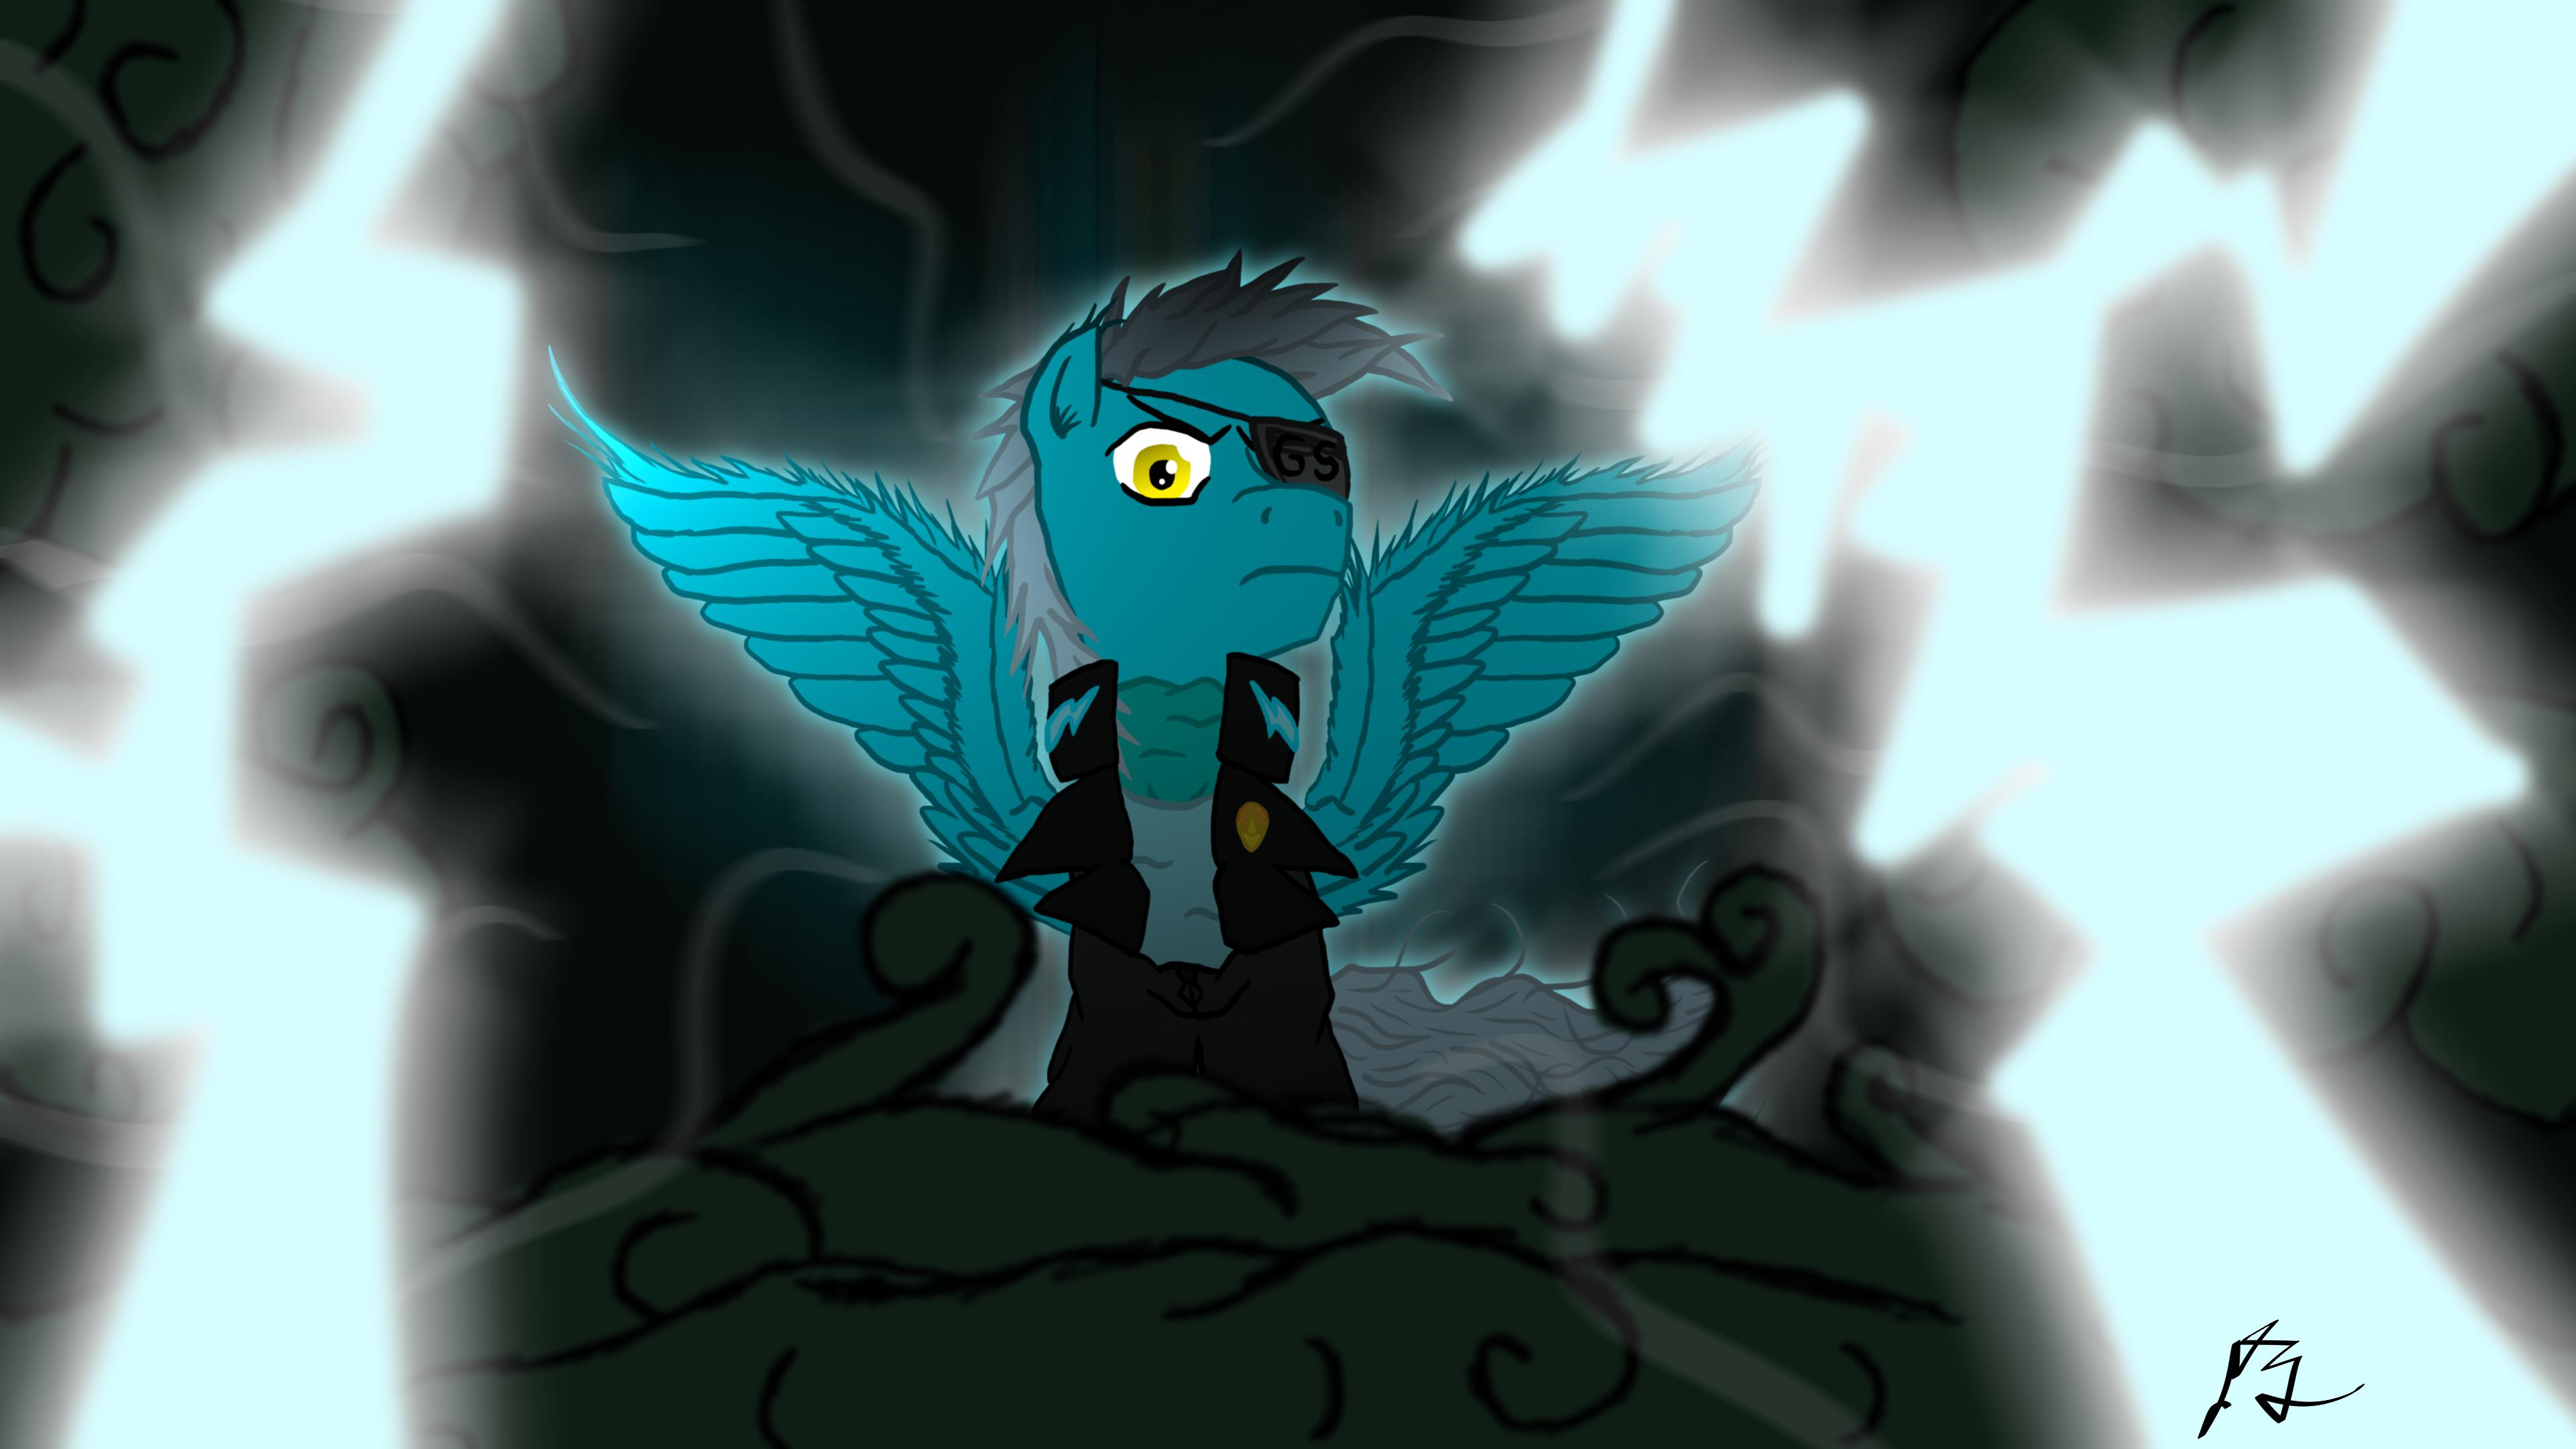 Gale Storm's Judgement